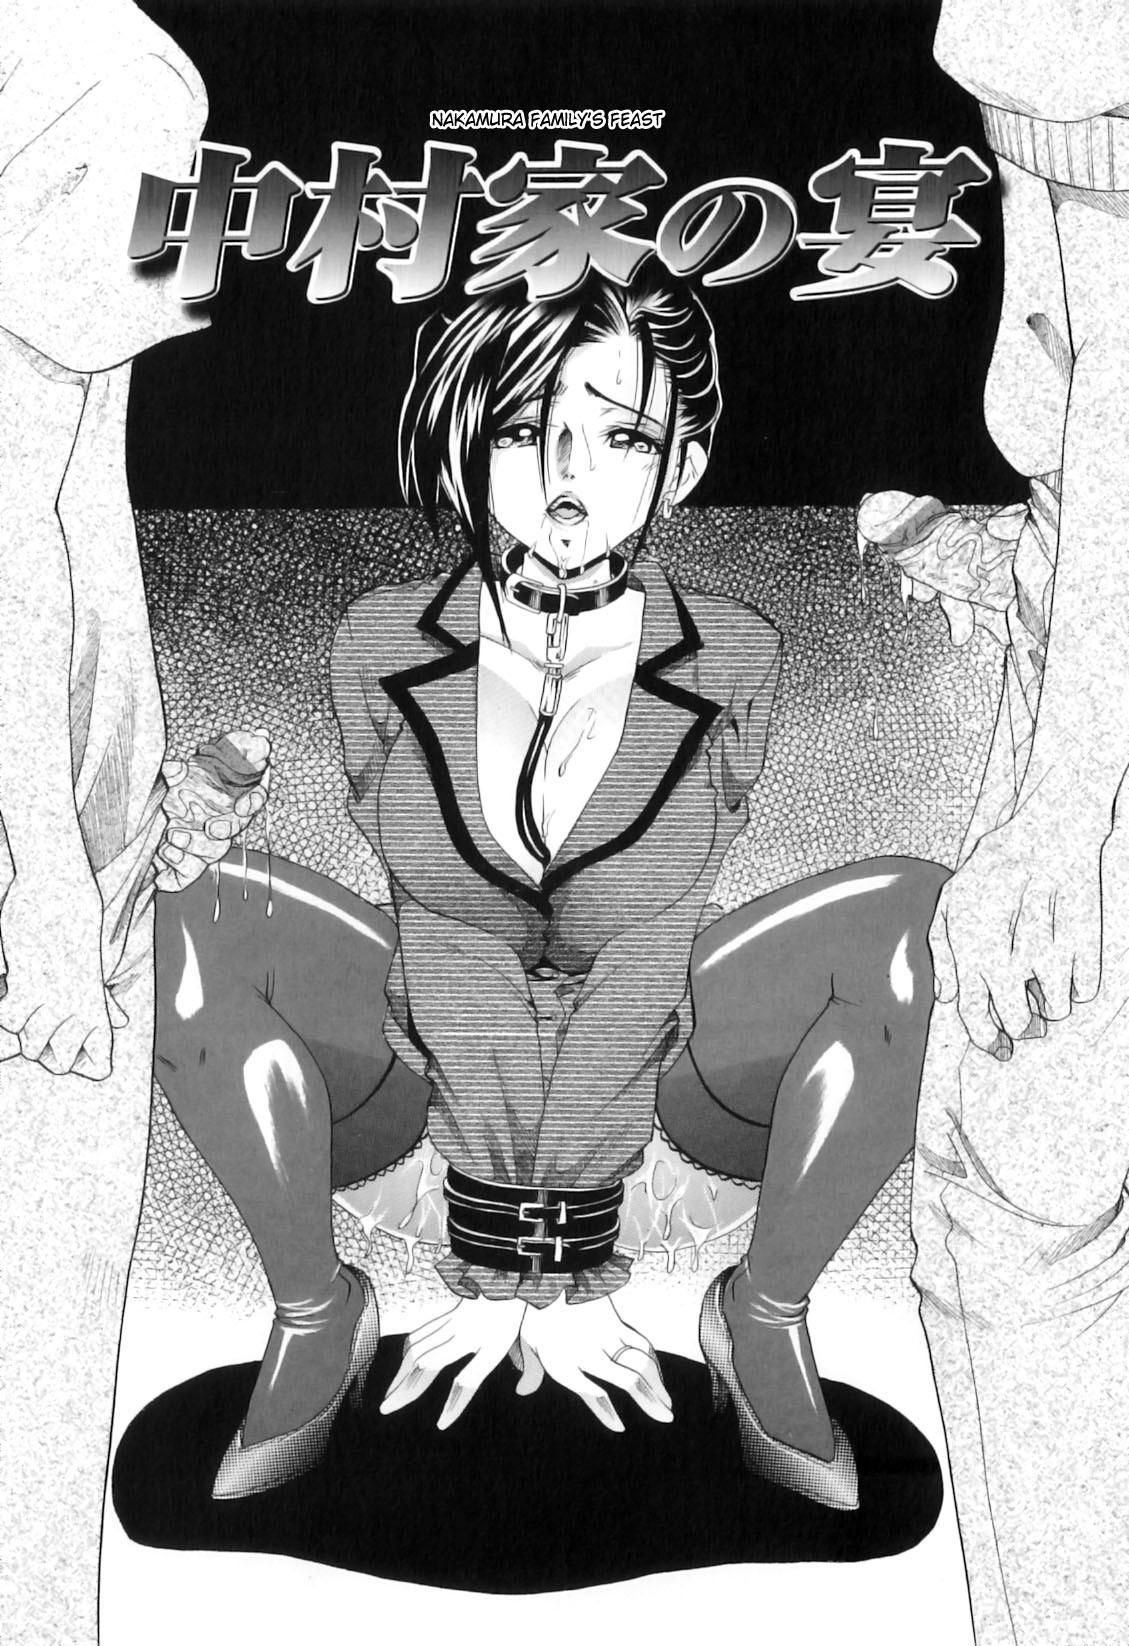 Hình ảnh  trong bài viết Truyện hentai Nakamura Family's Feast